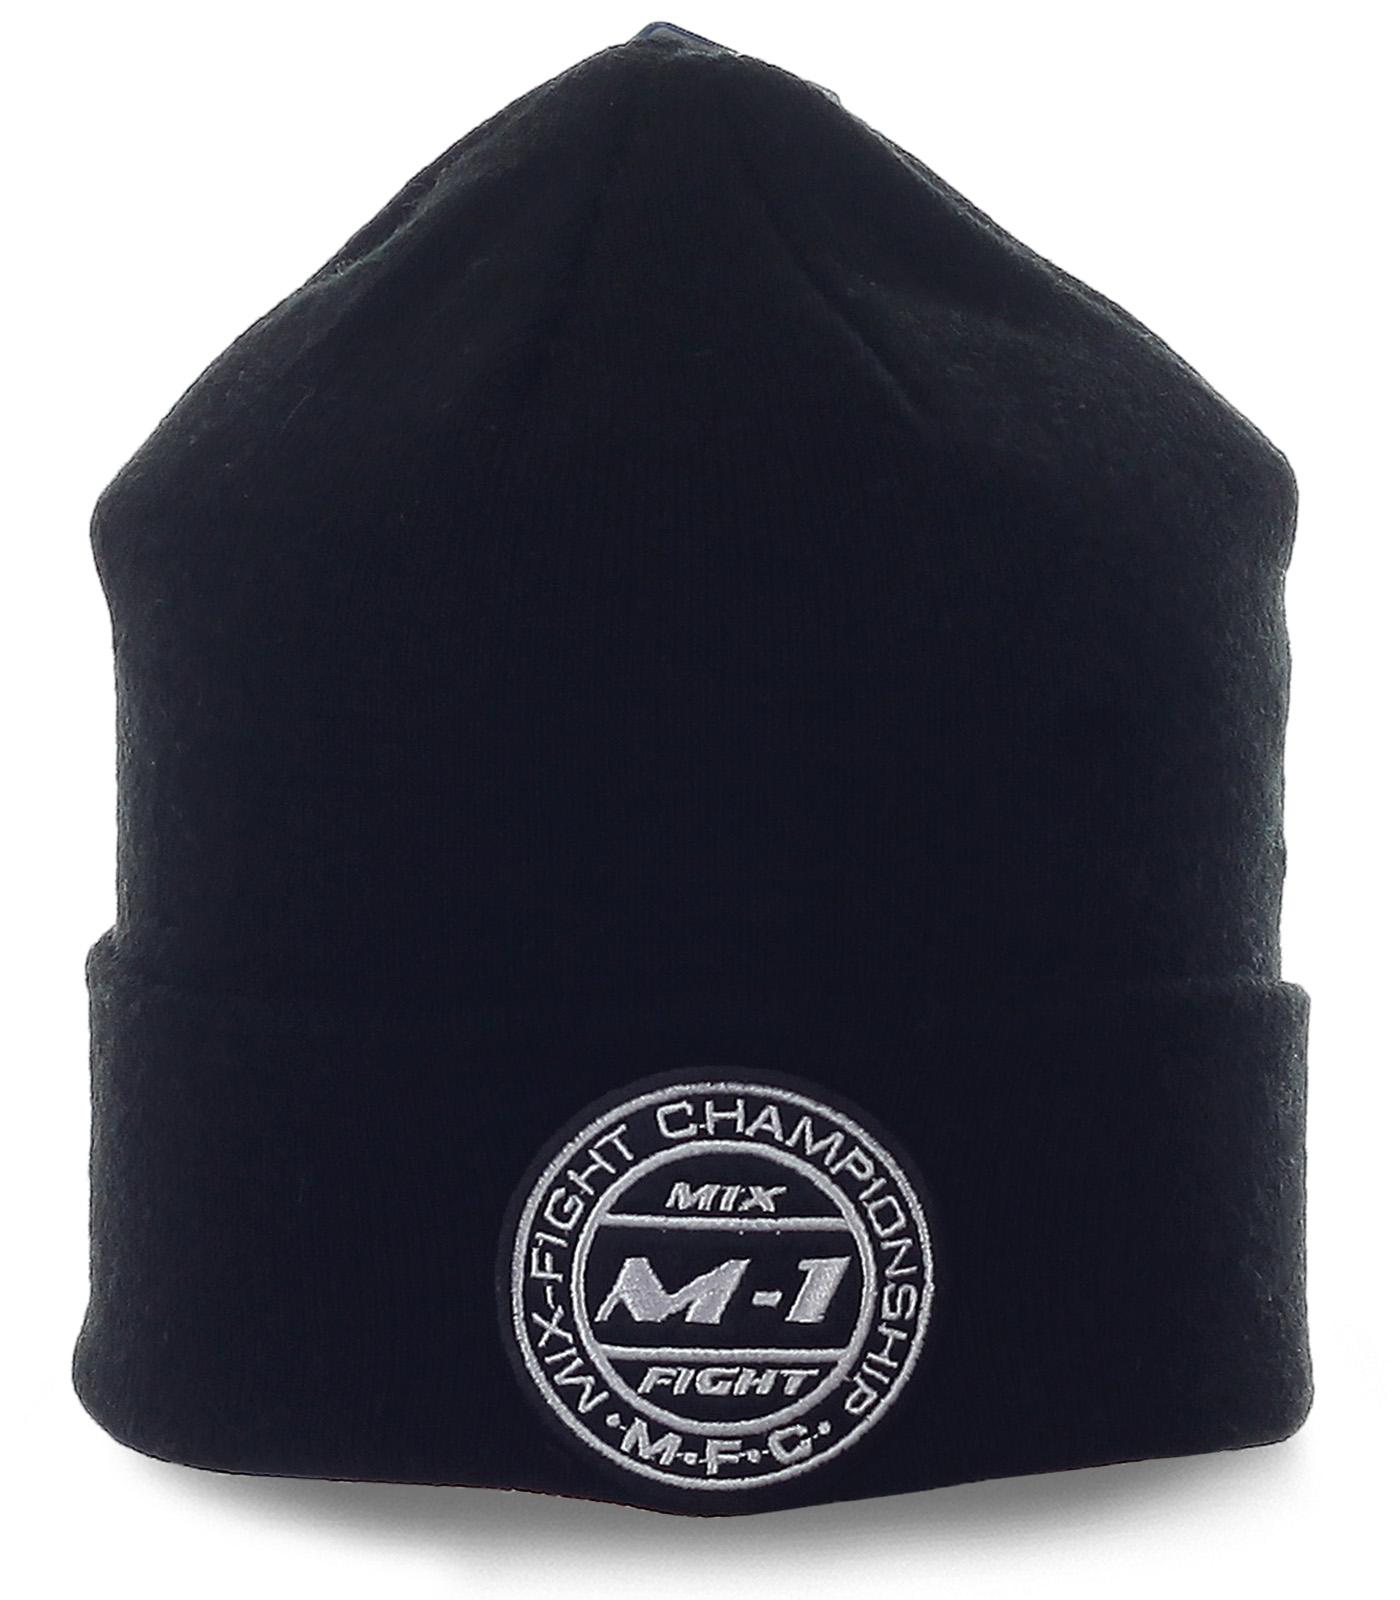 Безупречная мужская шапка MFC. Современный эргономичный дизайн, комфортная и теплая модель по доступной цене